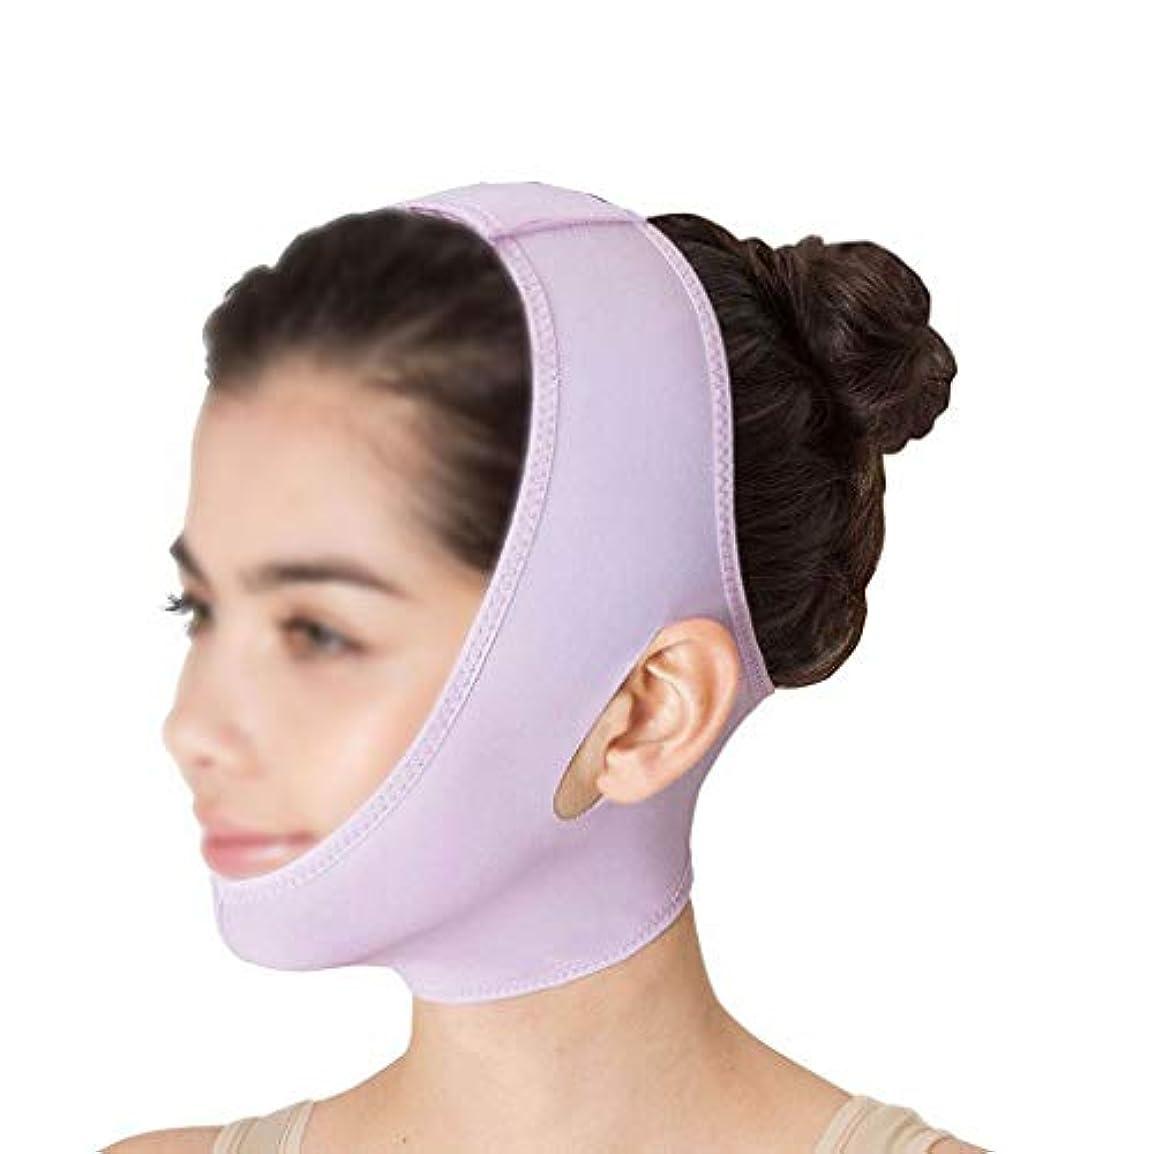 ポインタマイコンホバーGLJJQMY 薄いマスク通気性ビーム面薄い二重あごは、小さなV面を作成するために頬睡眠マスクを防ぎます 顔用整形マスク